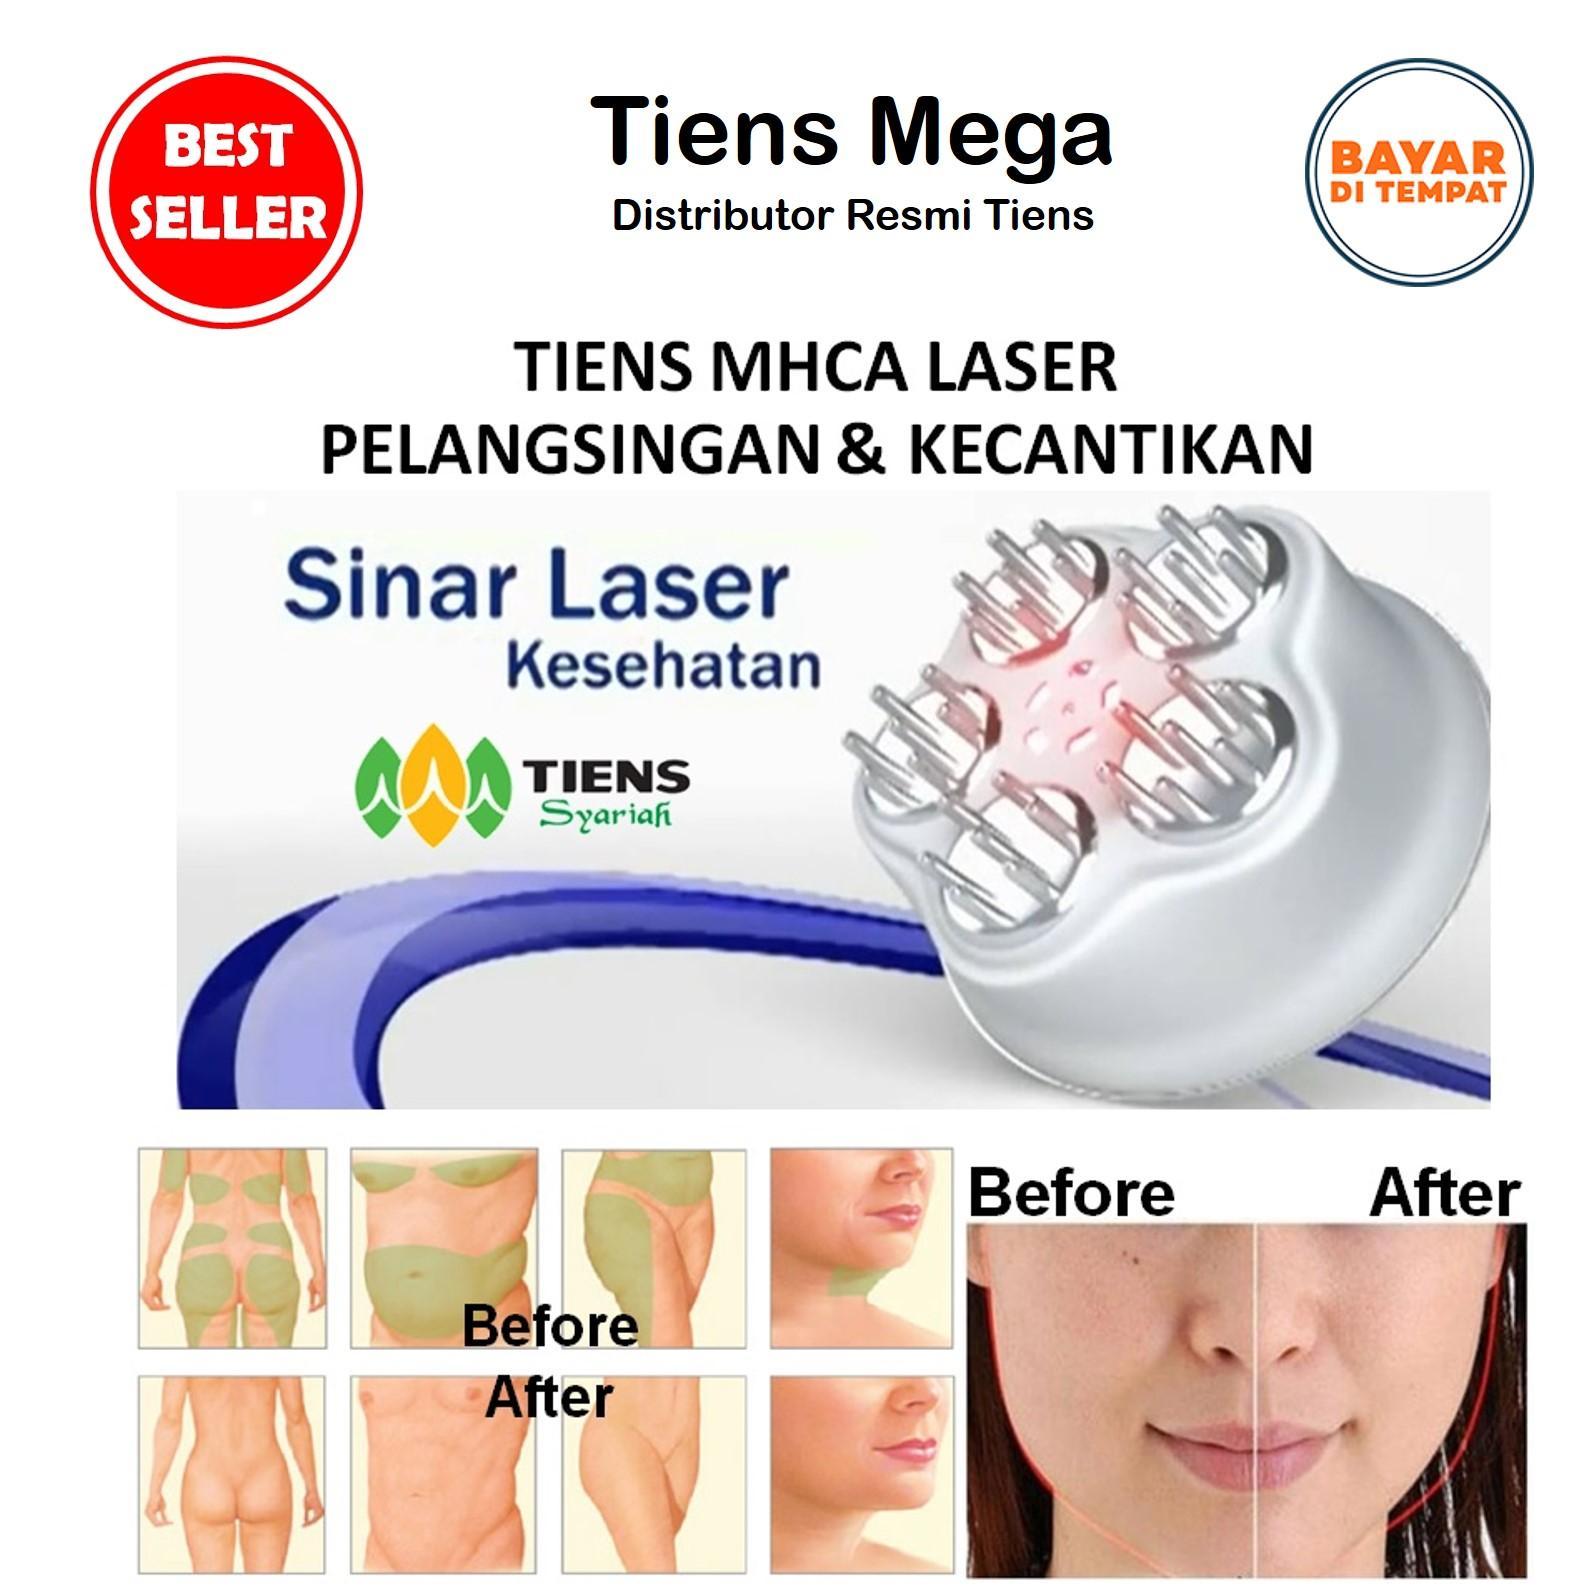 Cara Mudah Bandingkan Harga Terapi Laser Berbagai Arketplace Dr Hi Plus Jam Tangan Kesehatan Tiens Mhca Alat